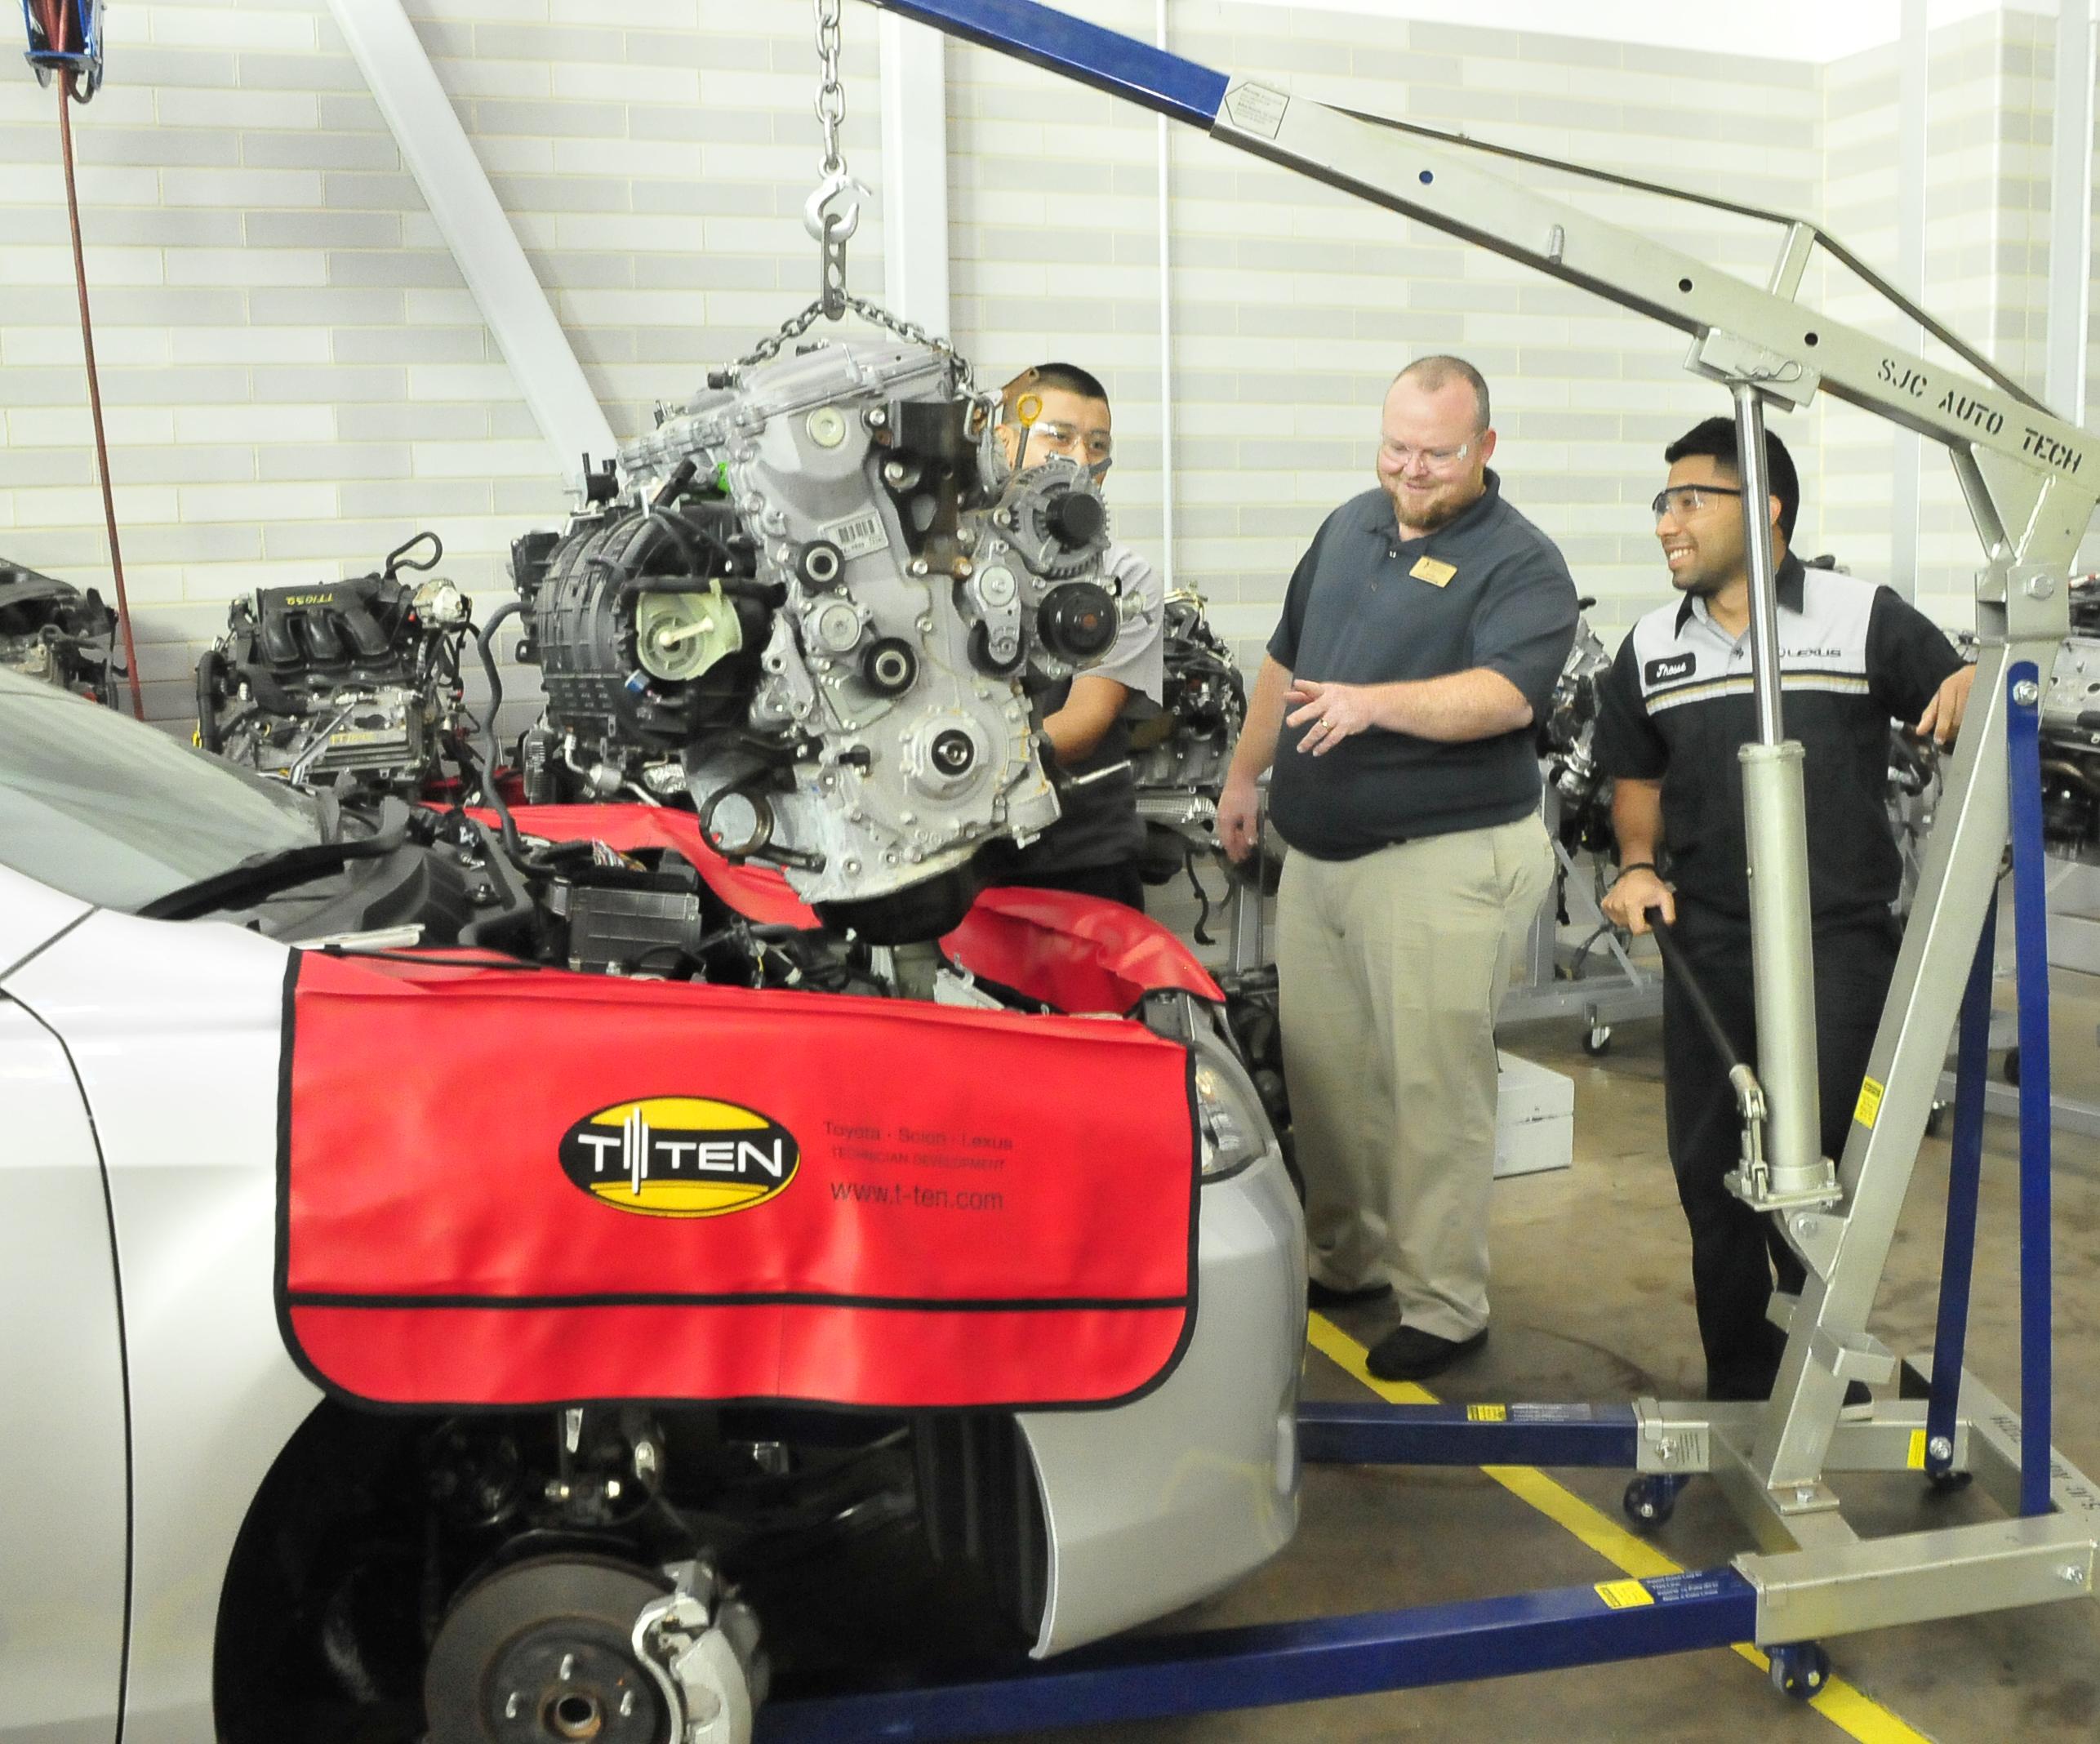 Toyota Technician Training & Education Network program achieves Entrée status